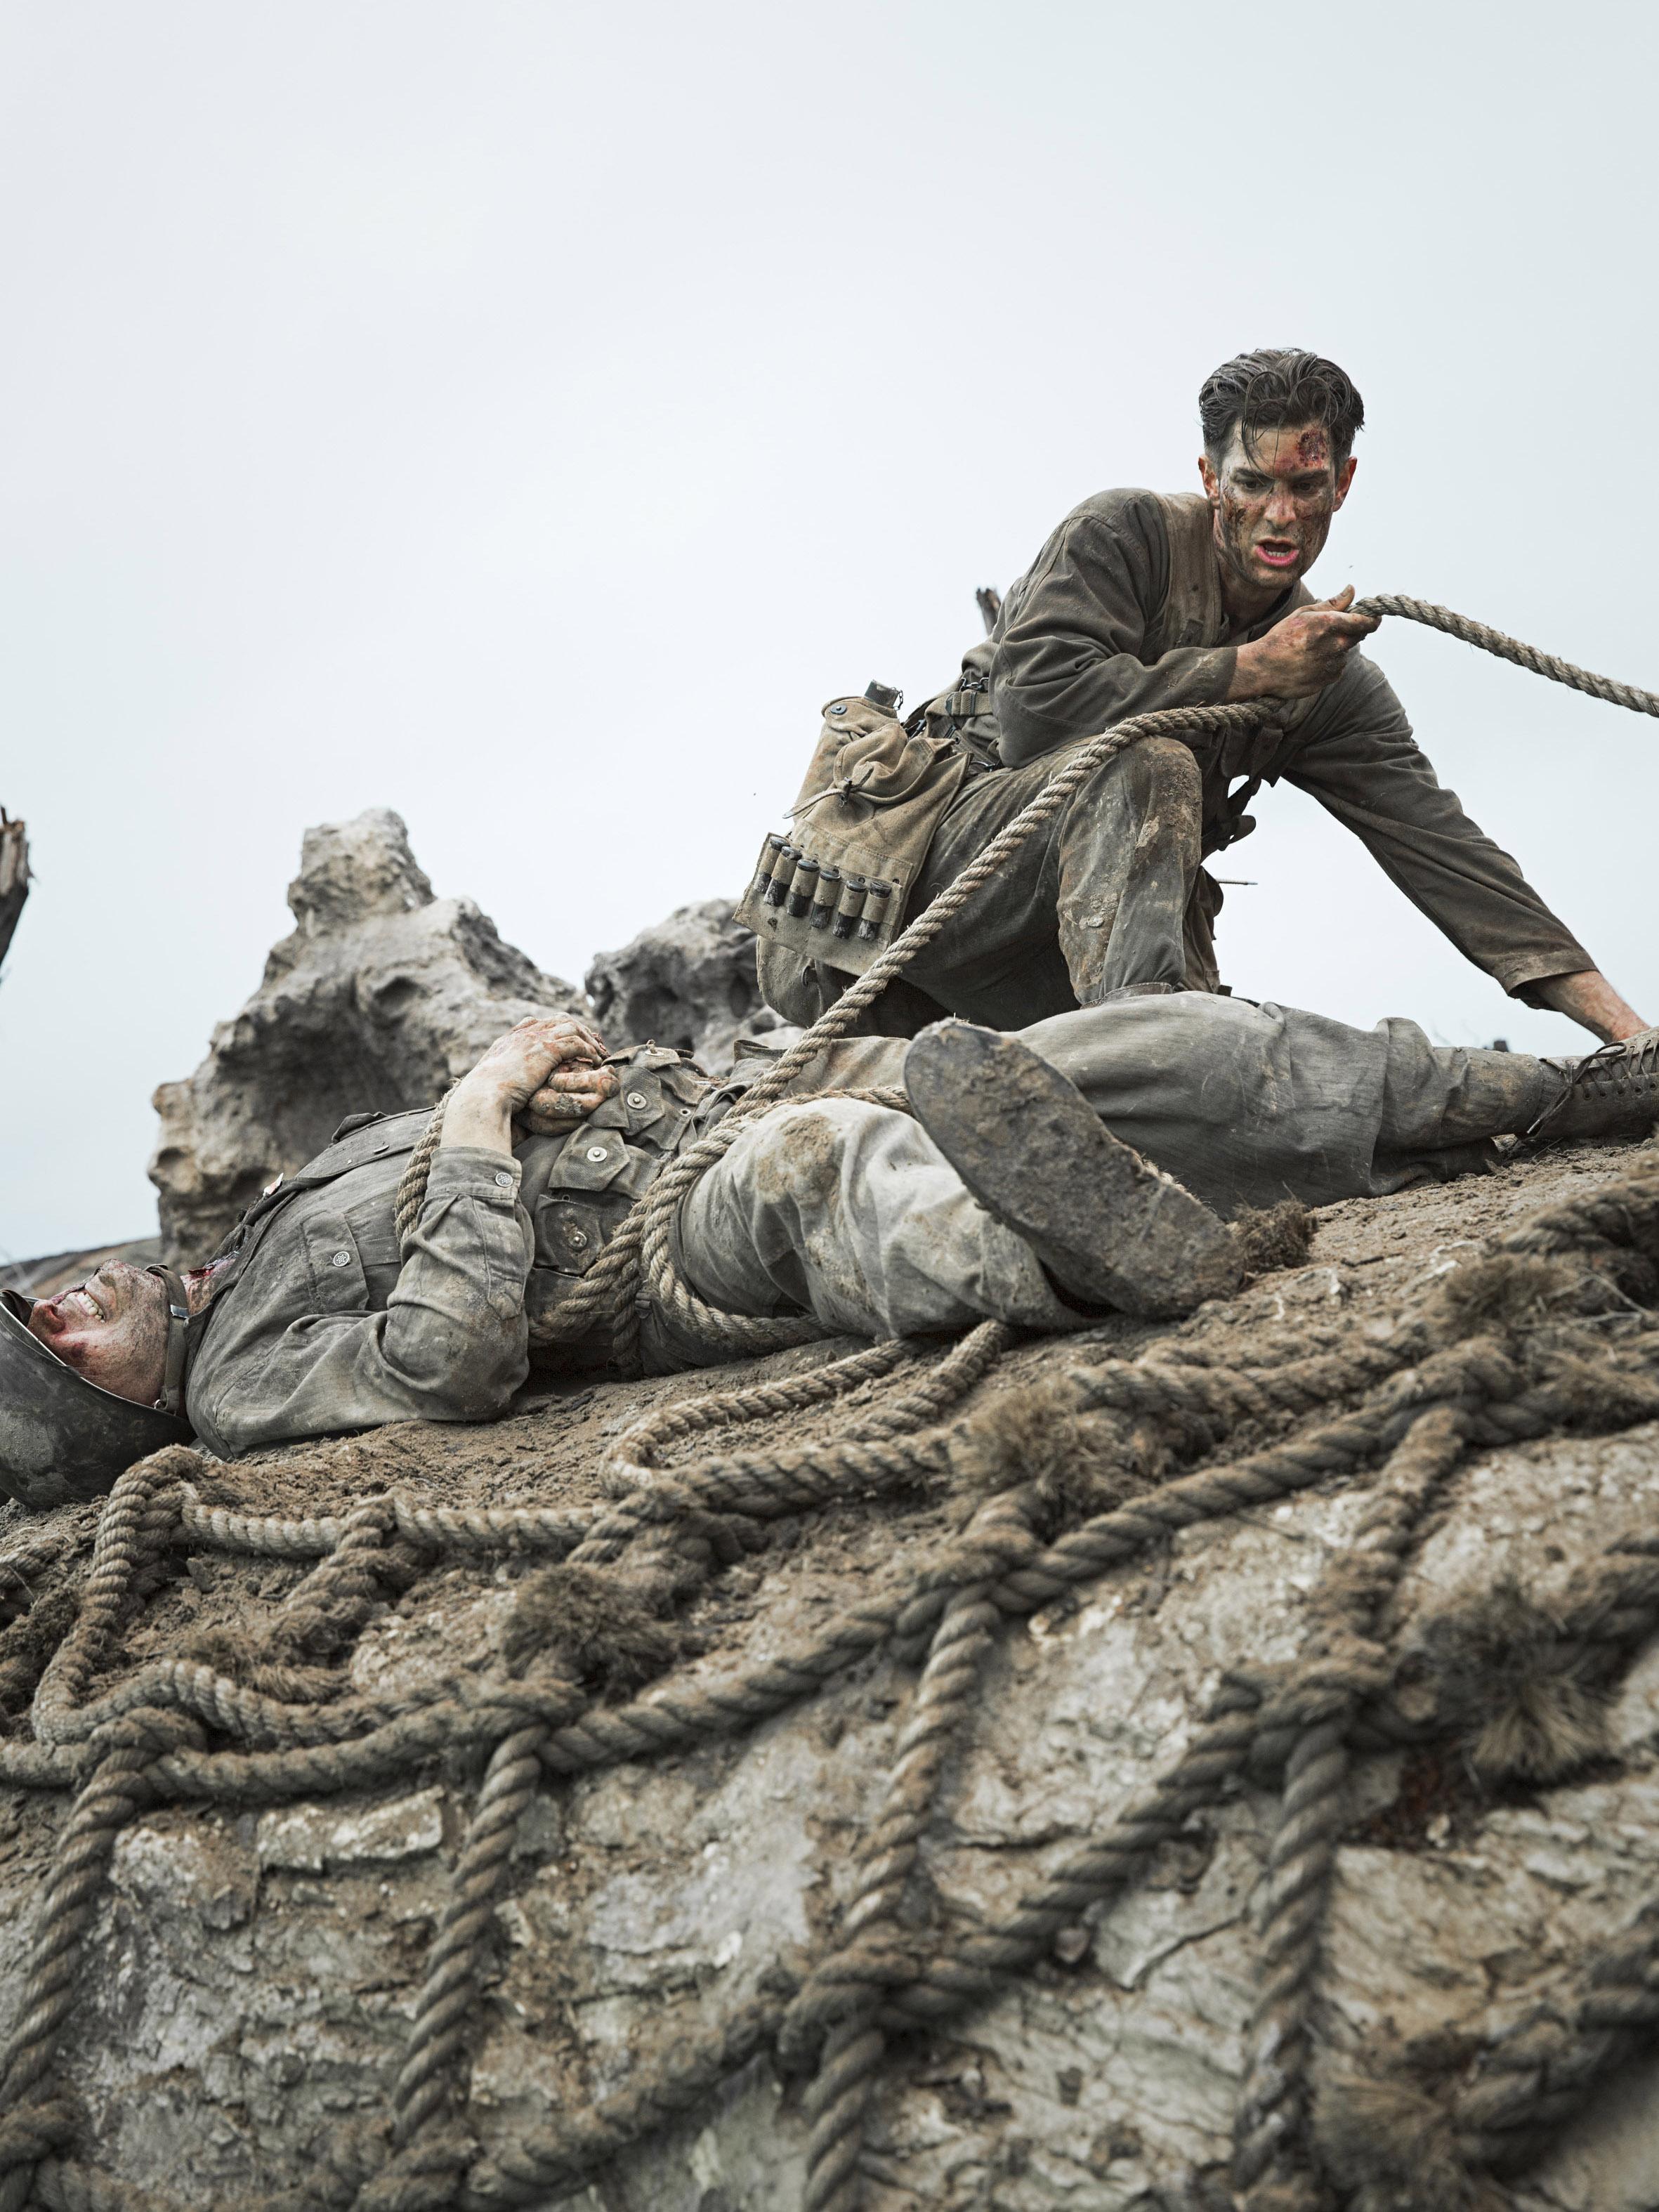 沖縄戦で武器を持たずに75人を救ったクリスチャン兵の実話 映画「ハクソー・リッジ」あす公開